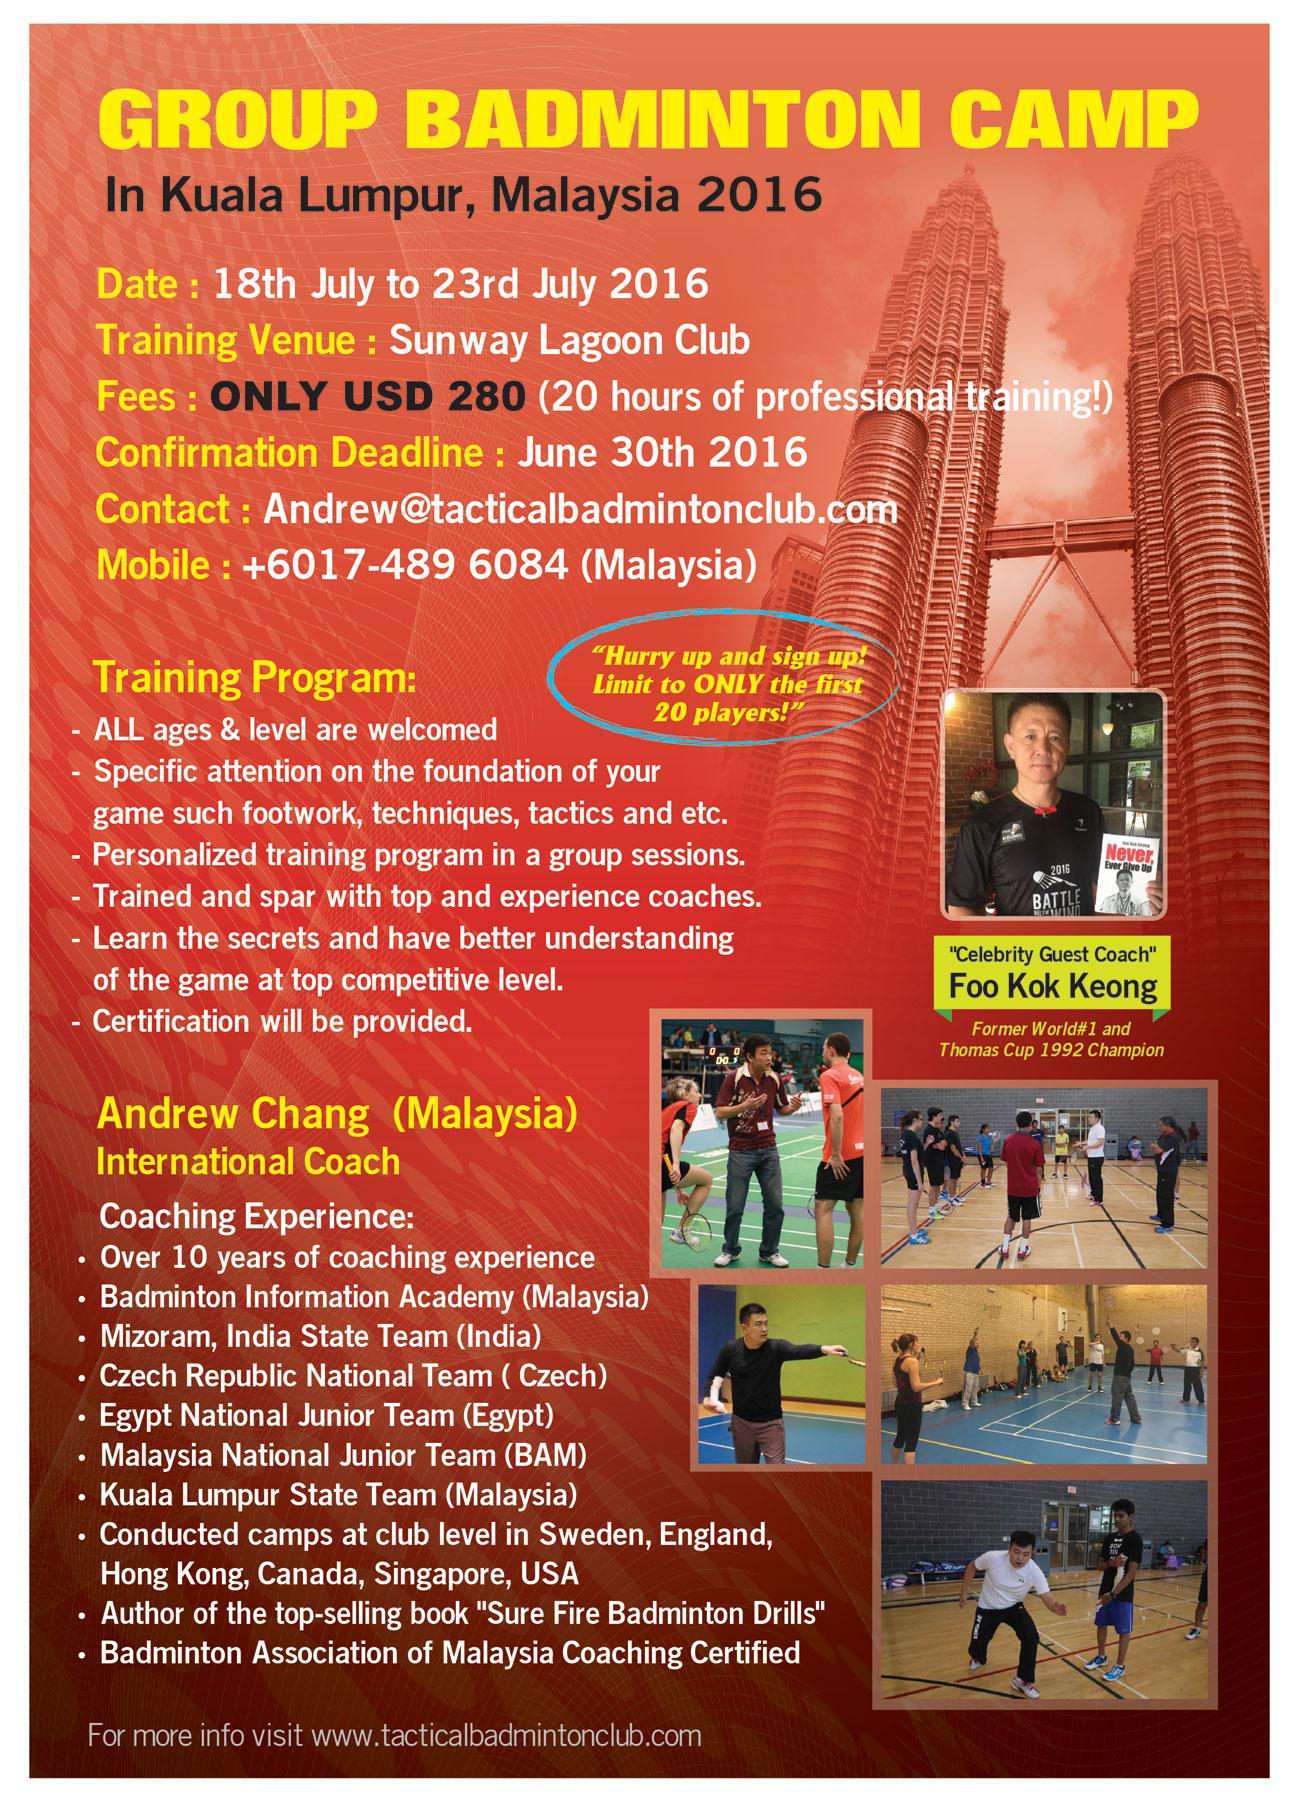 Group training camp in Kuala Lumpur, Malaysia 2016